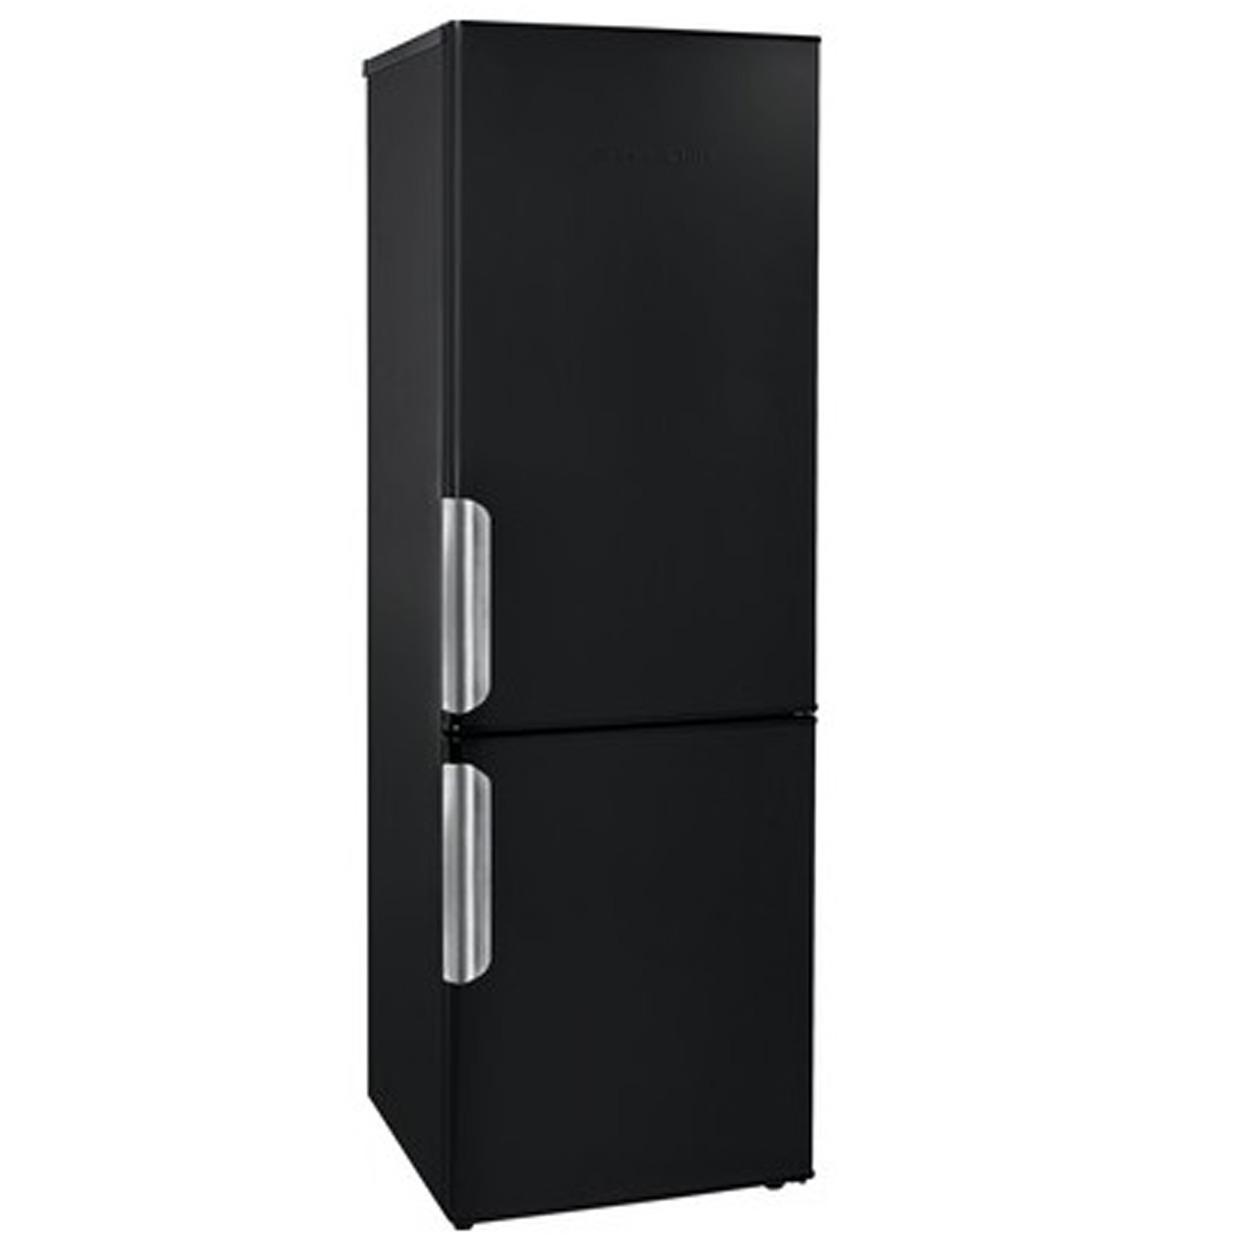 Schneider koelkast met vriesvak SKG 320.4 A++ NF Black